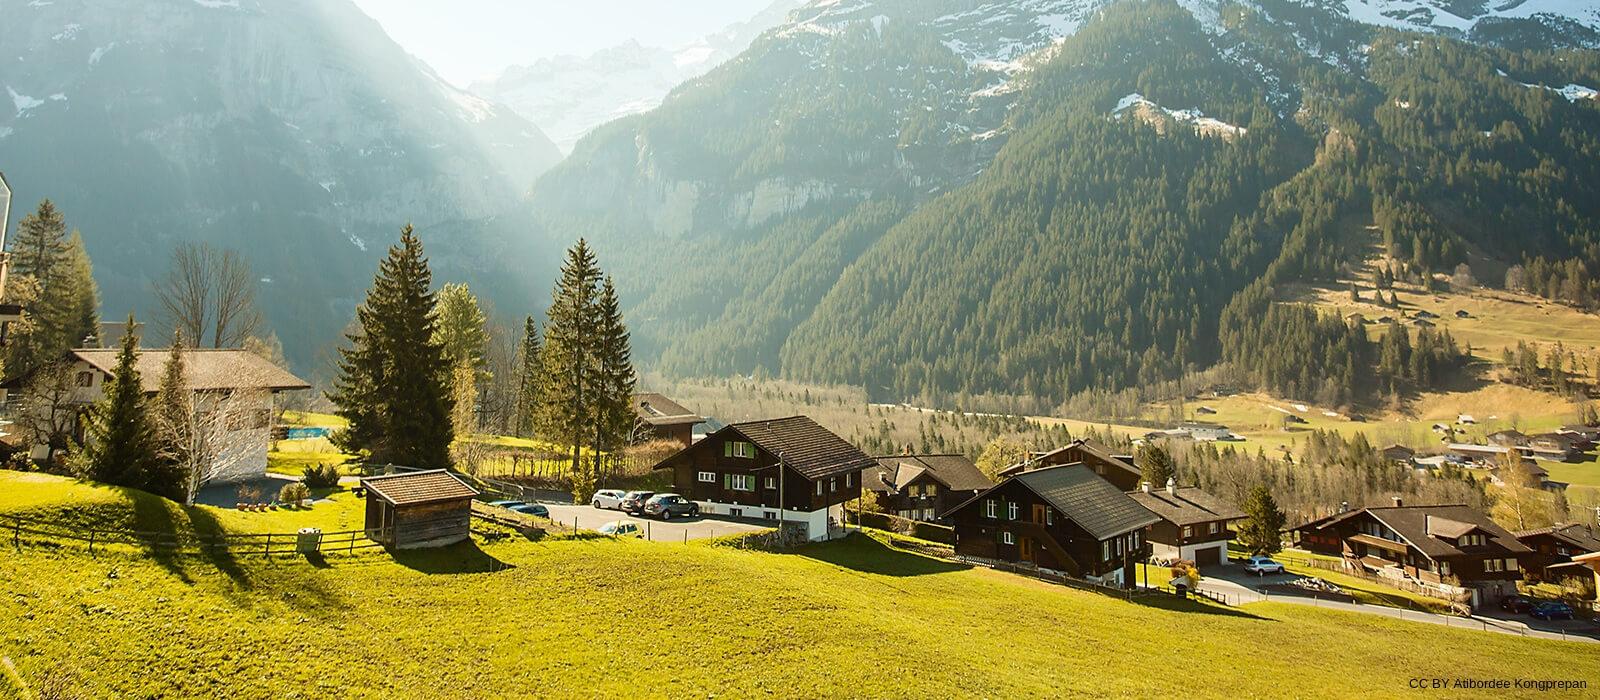 Jak tanio podróżować po Szwajcarii?